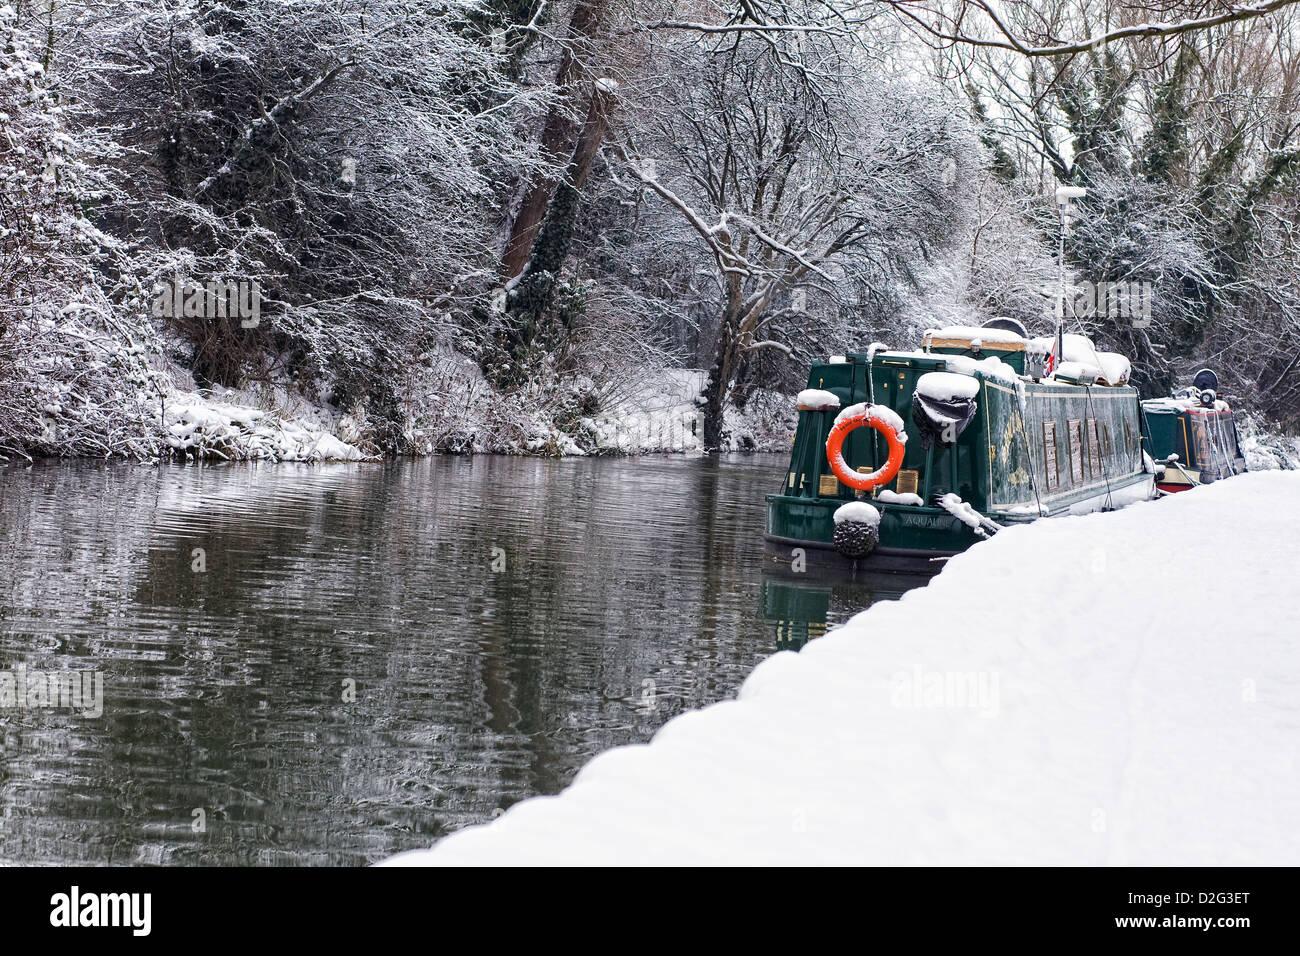 Narrowboats sur le canal d'Oxford à Banbury en hiver, l'Oxfordshire. Banque D'Images